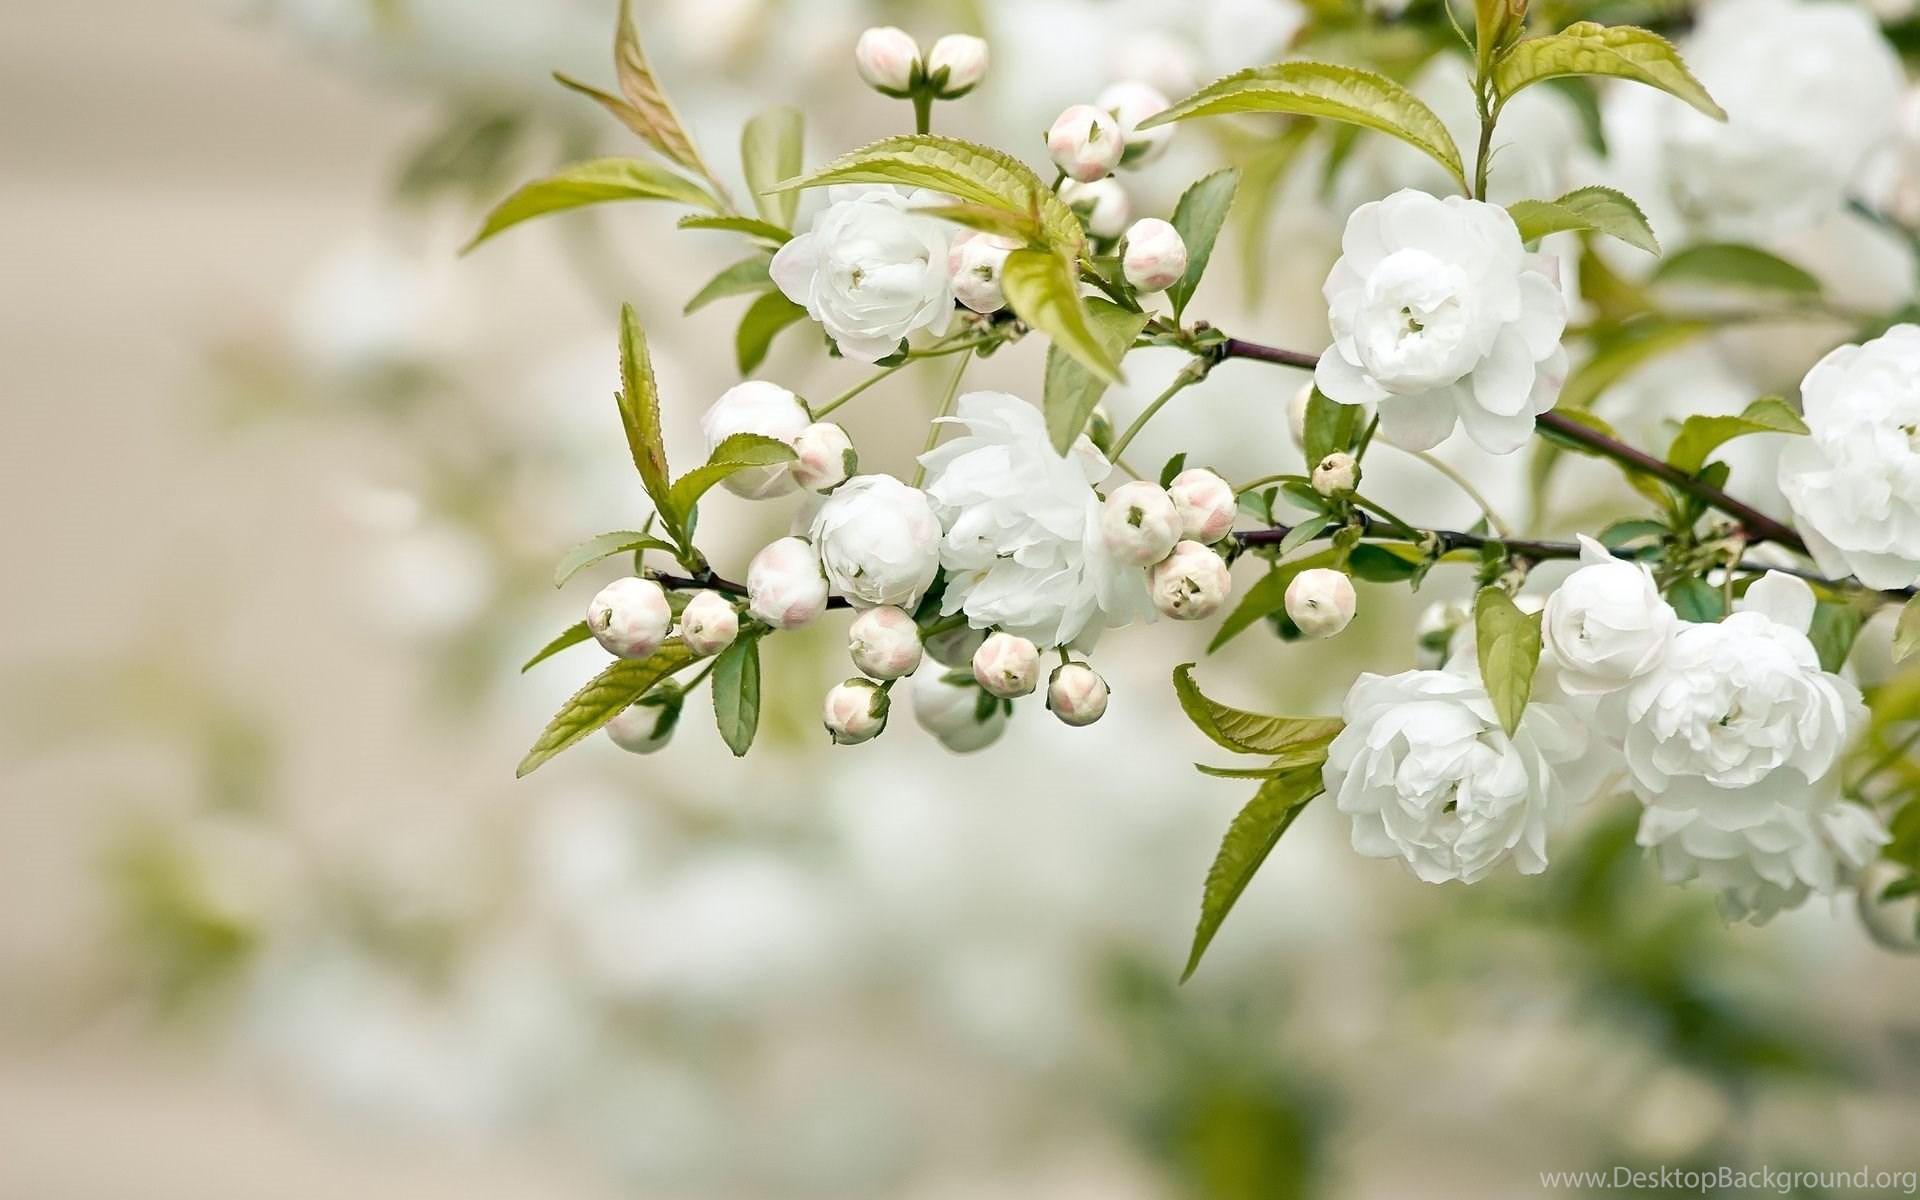 Jasmine flower wallpapers desktop background widescreen izmirmasajfo